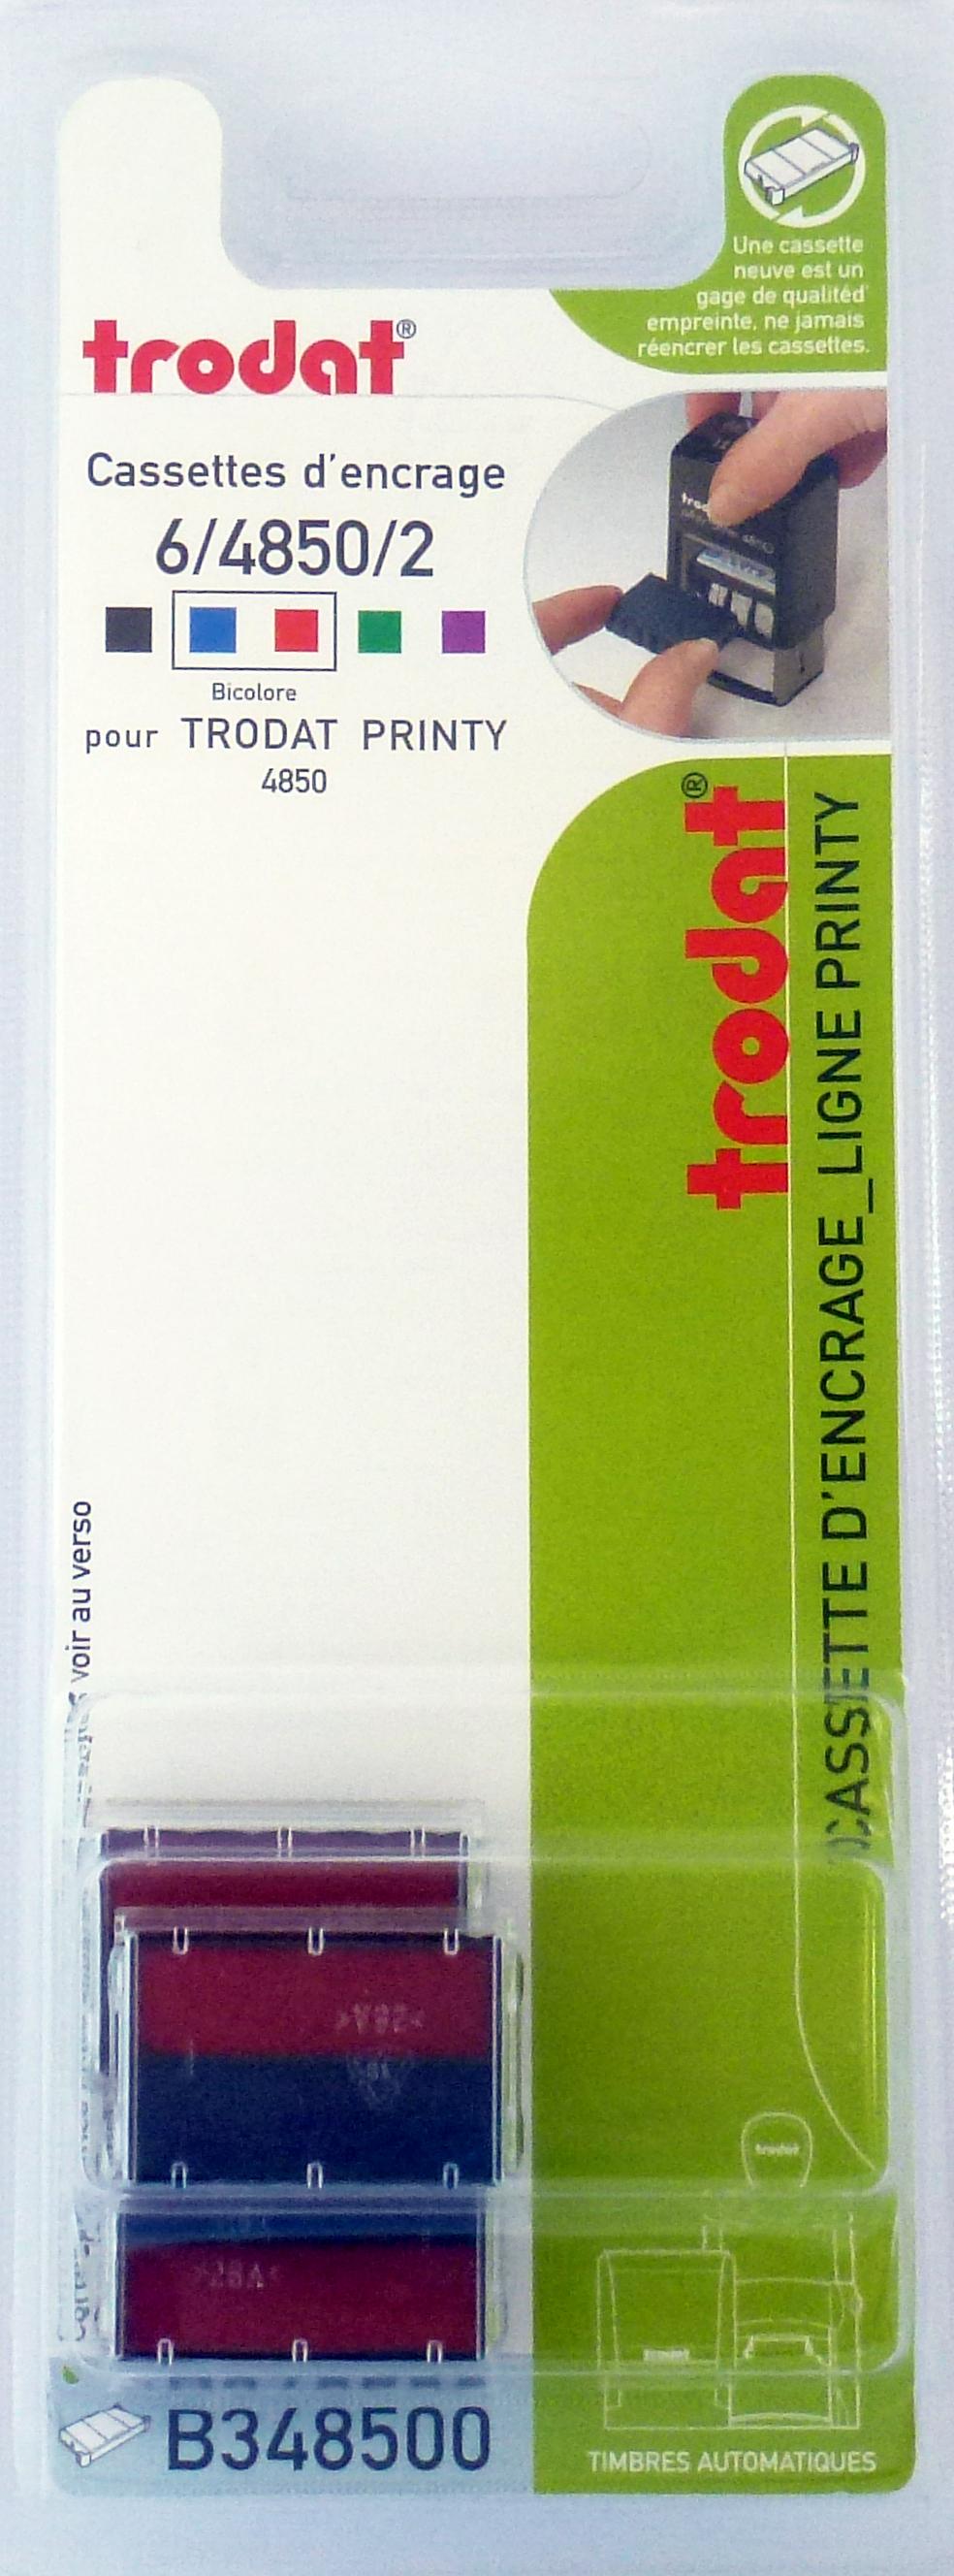 Trodat - 3 Encriers bicolores 6/4850 recharges pour tampon Printy 4850 - bleu/rouge